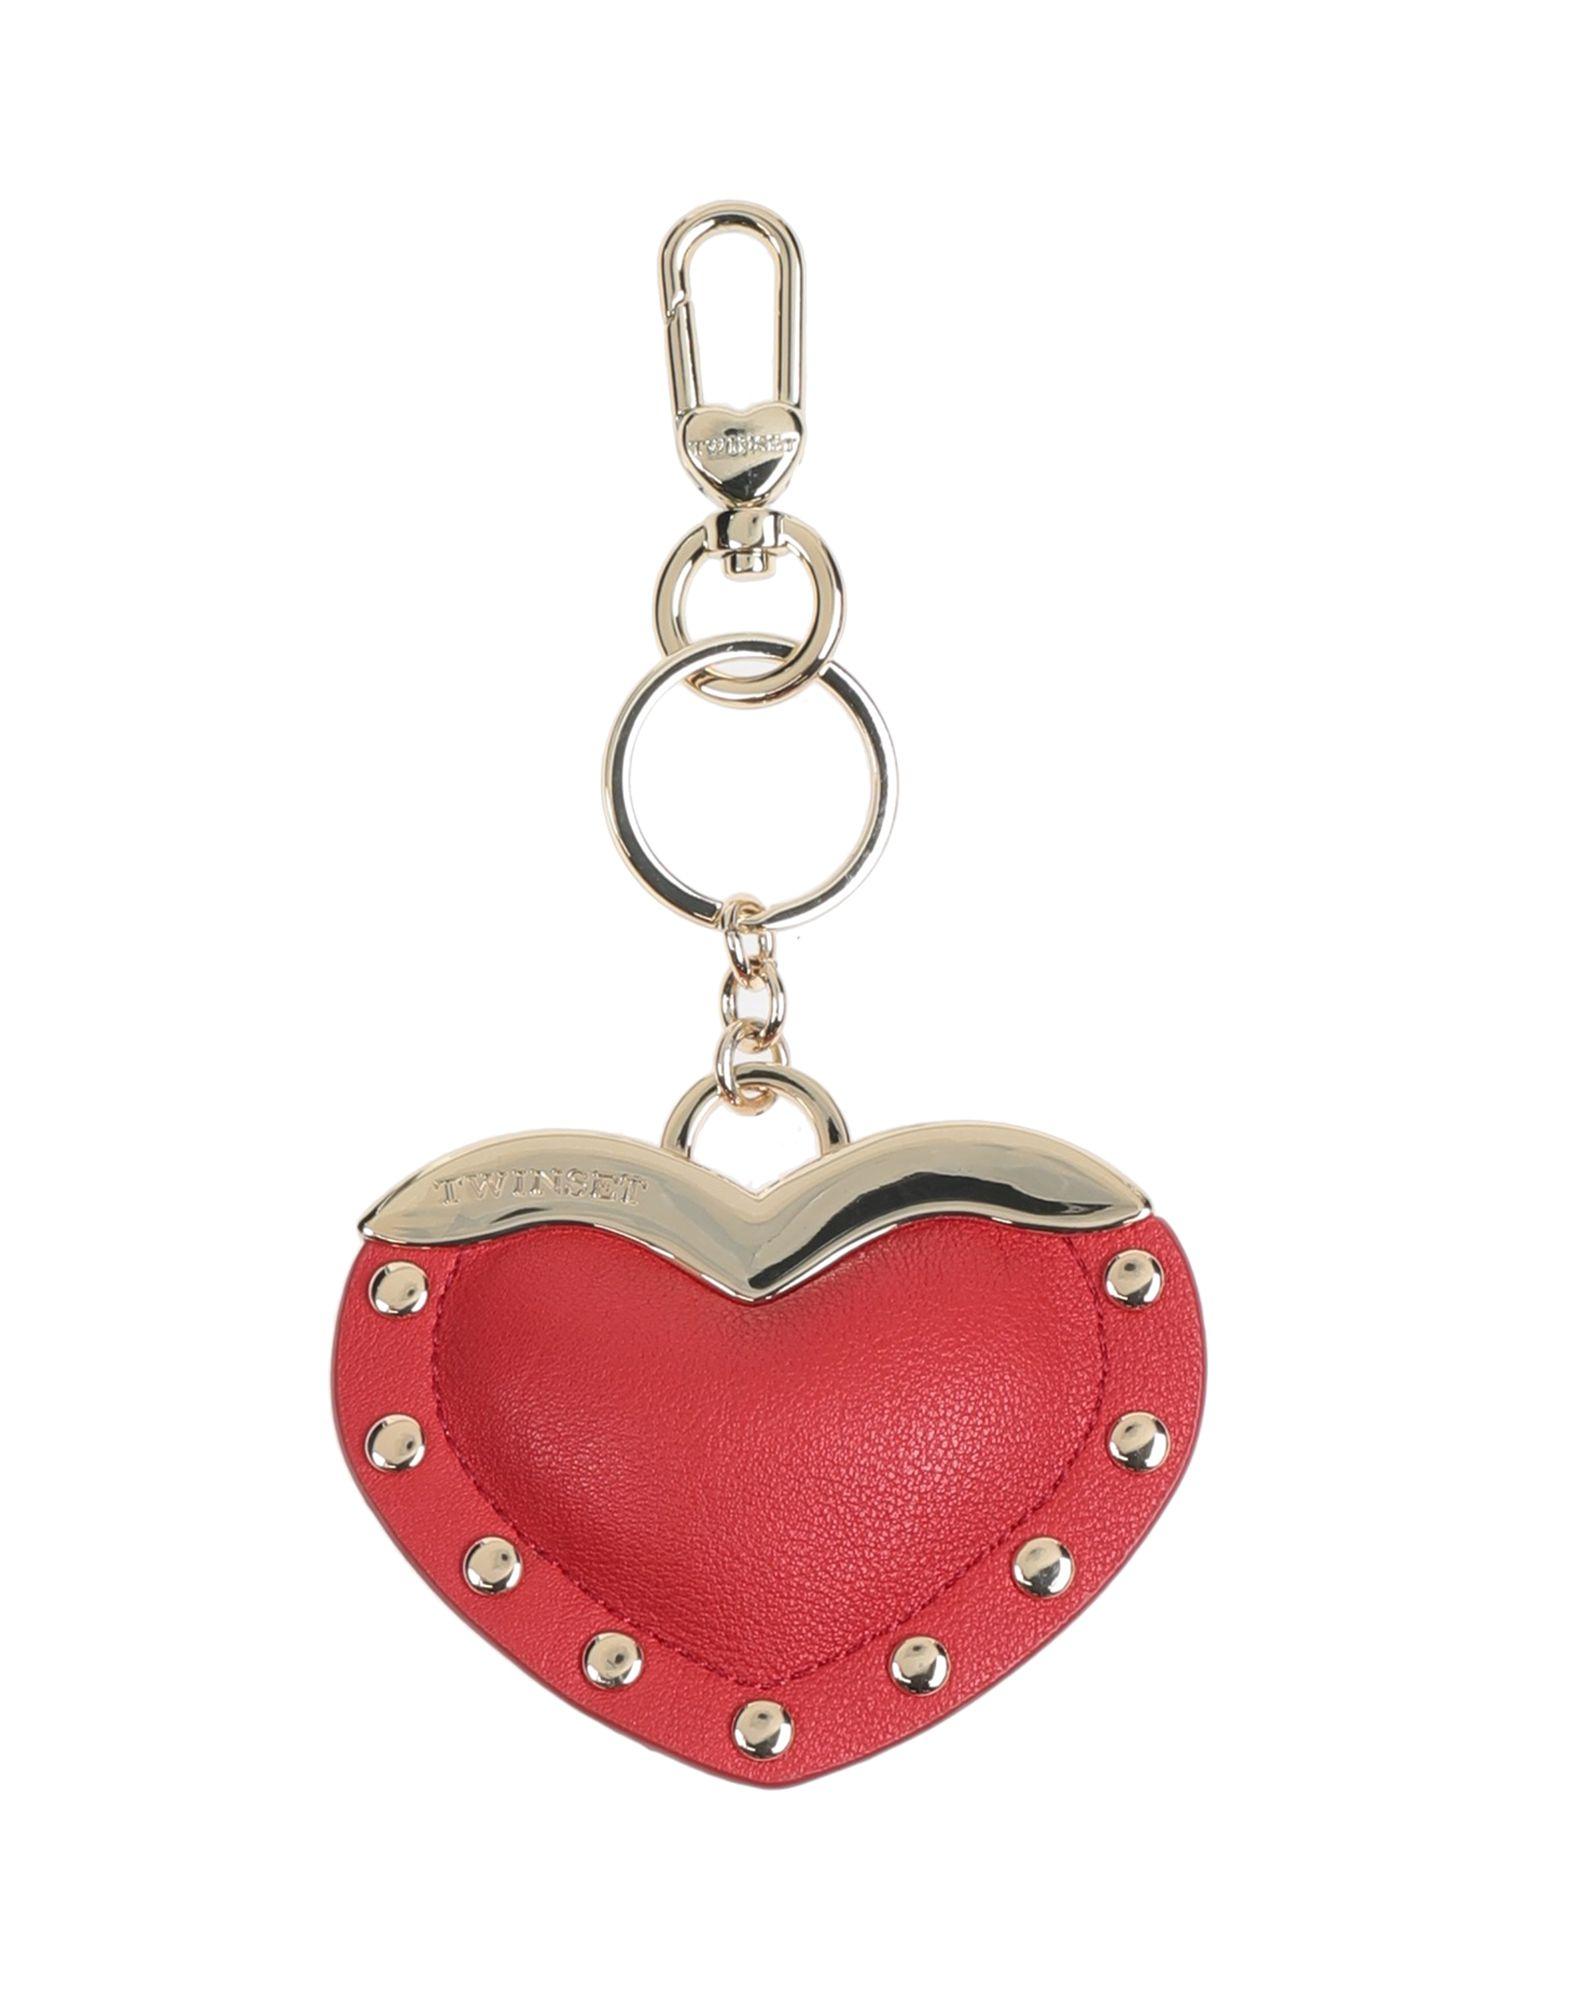 TWINSET Брелок для ключей jobon zhongyin брелок для ключей кольцо для ключей цепочка цепочка волокно кожа ребенок мать весна талия висит тип ретро черный никель zb 116b